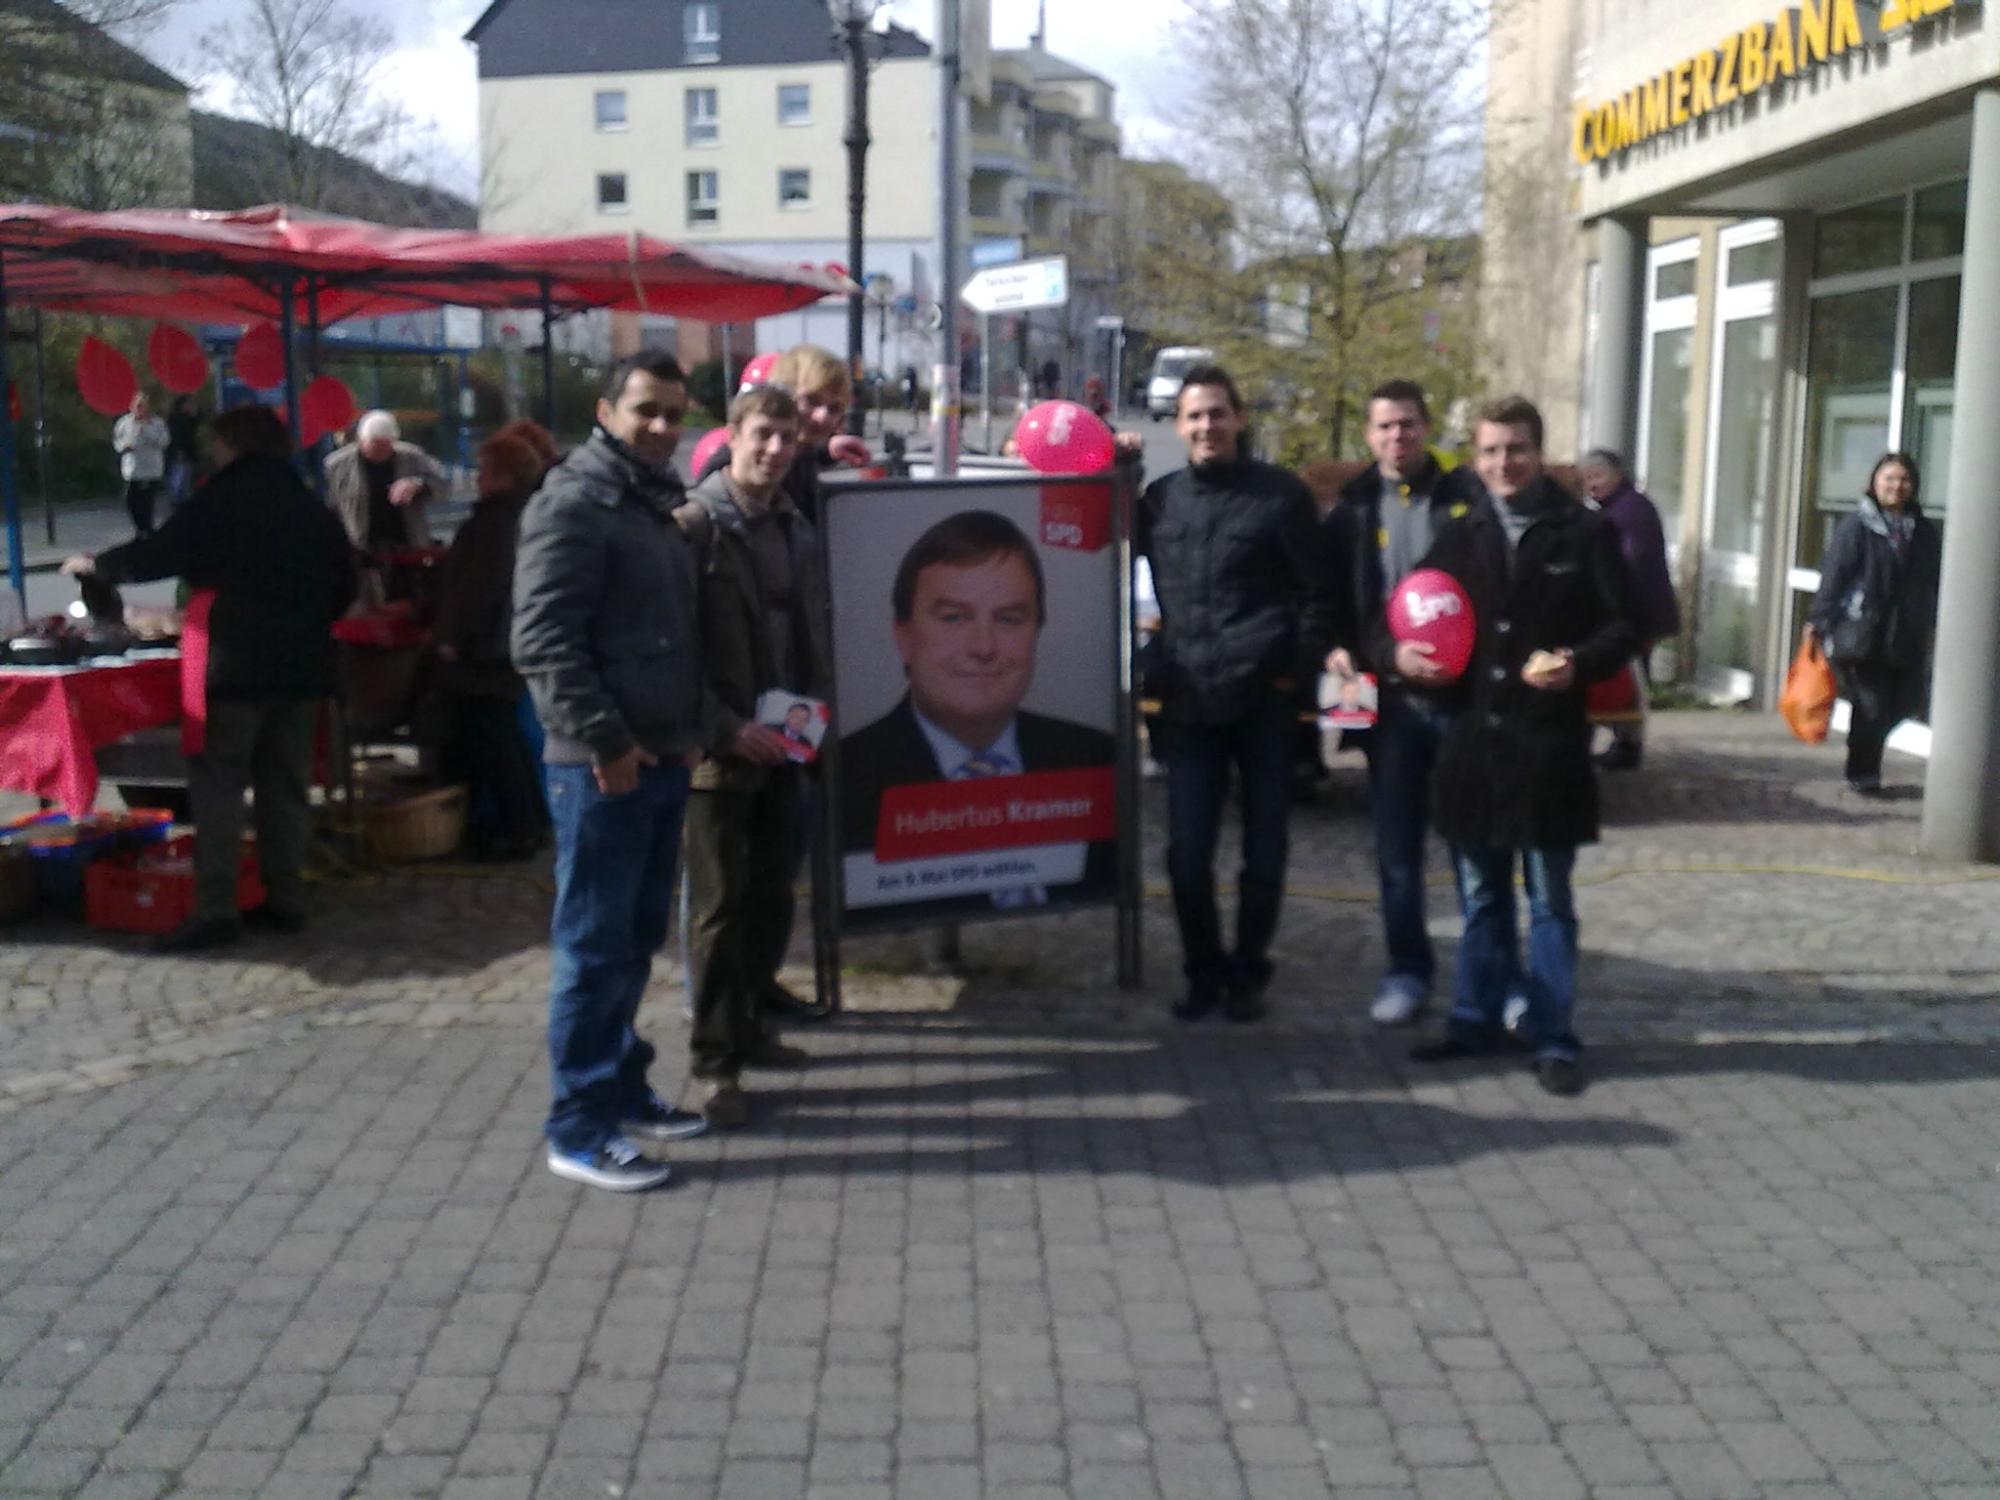 Meldungsarchiv - Juso-Unterbezirk Hagen